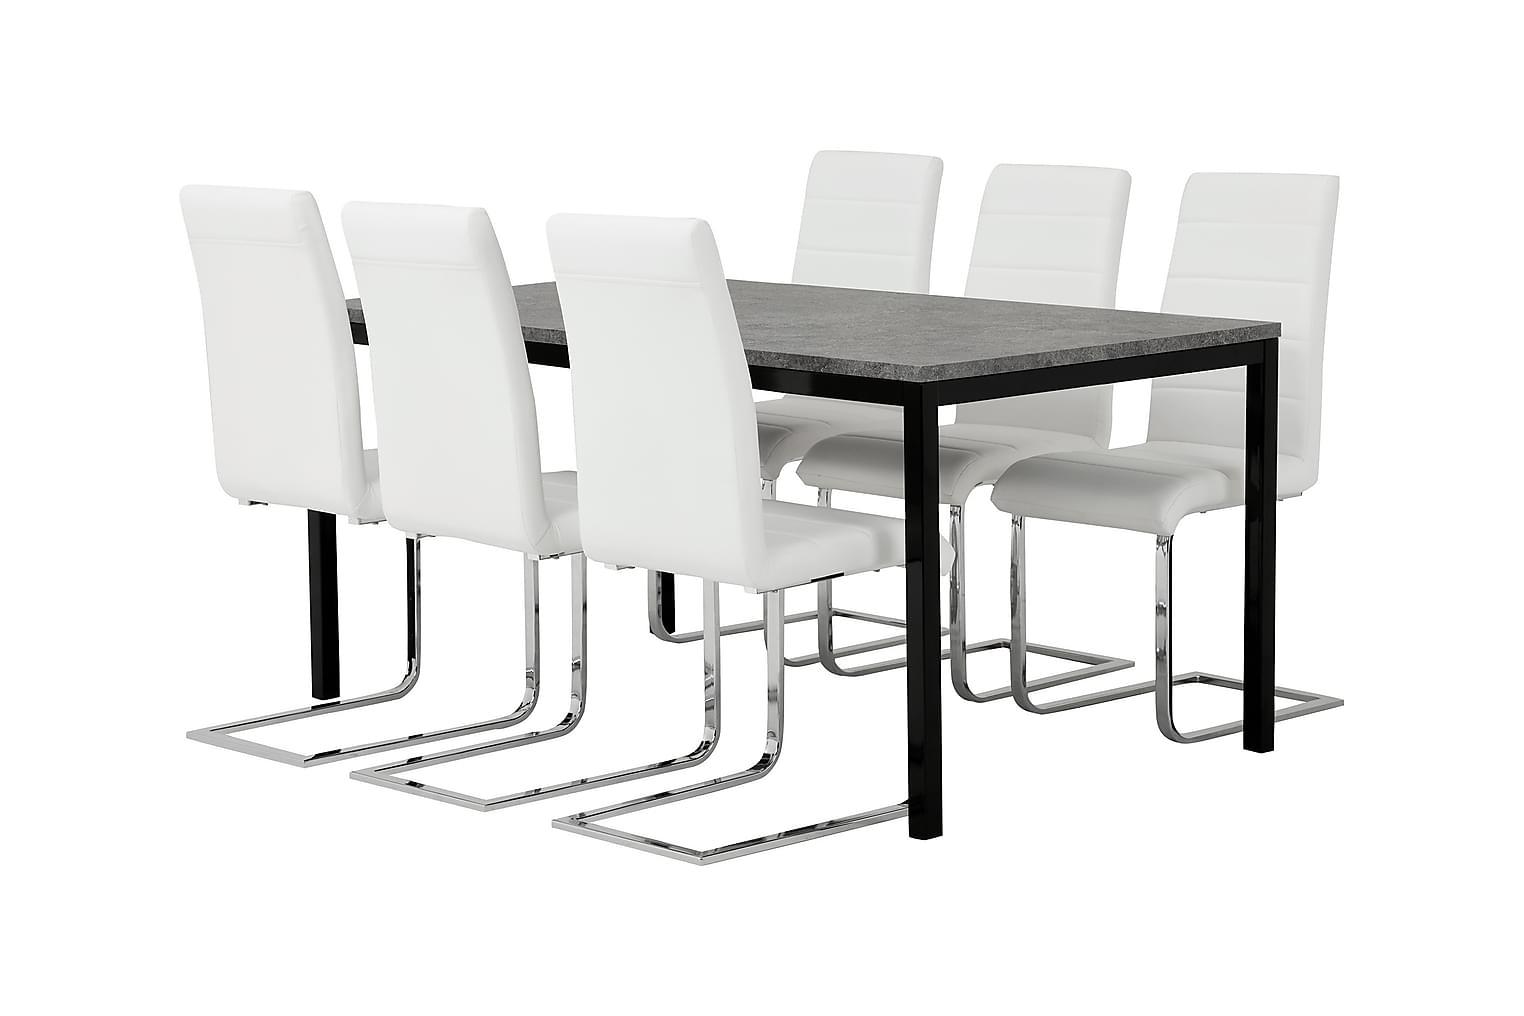 MITA Pöytä 160 Betoni/Musta + 6 EMÅN Tuoli Valkoinen